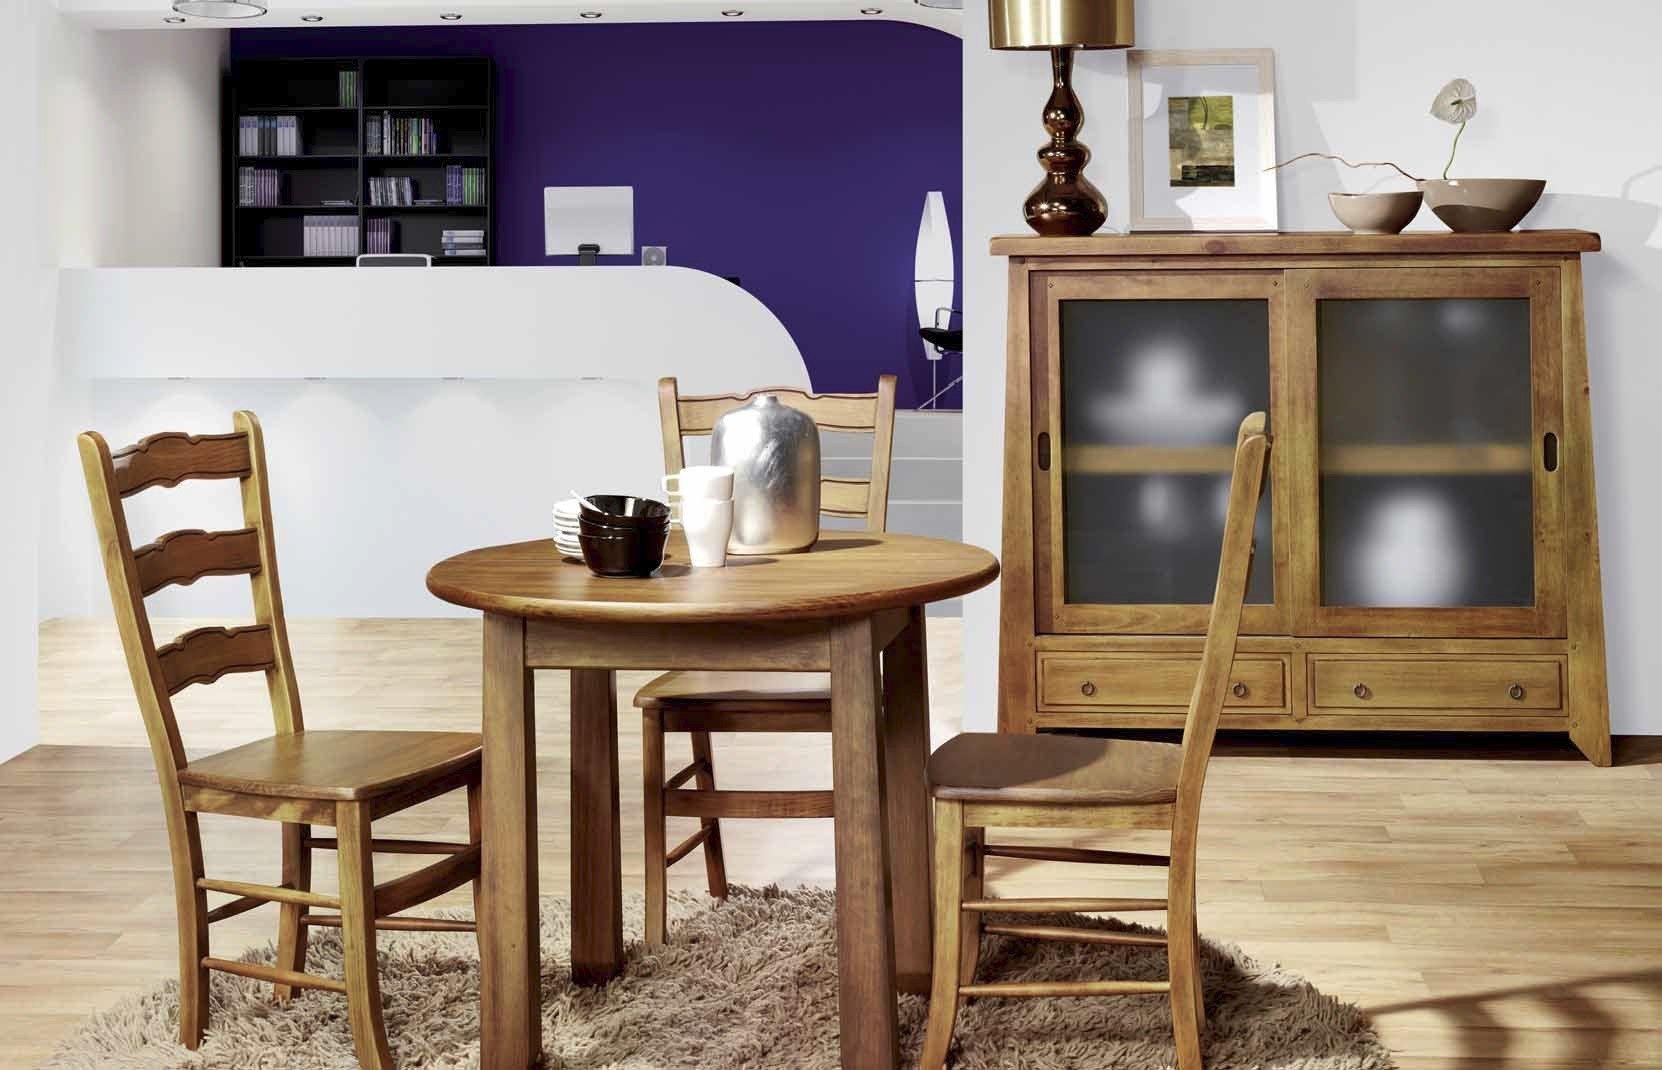 Muebles Rusticos Valencia | Muebles Y Decoración Valencia Tienda ...